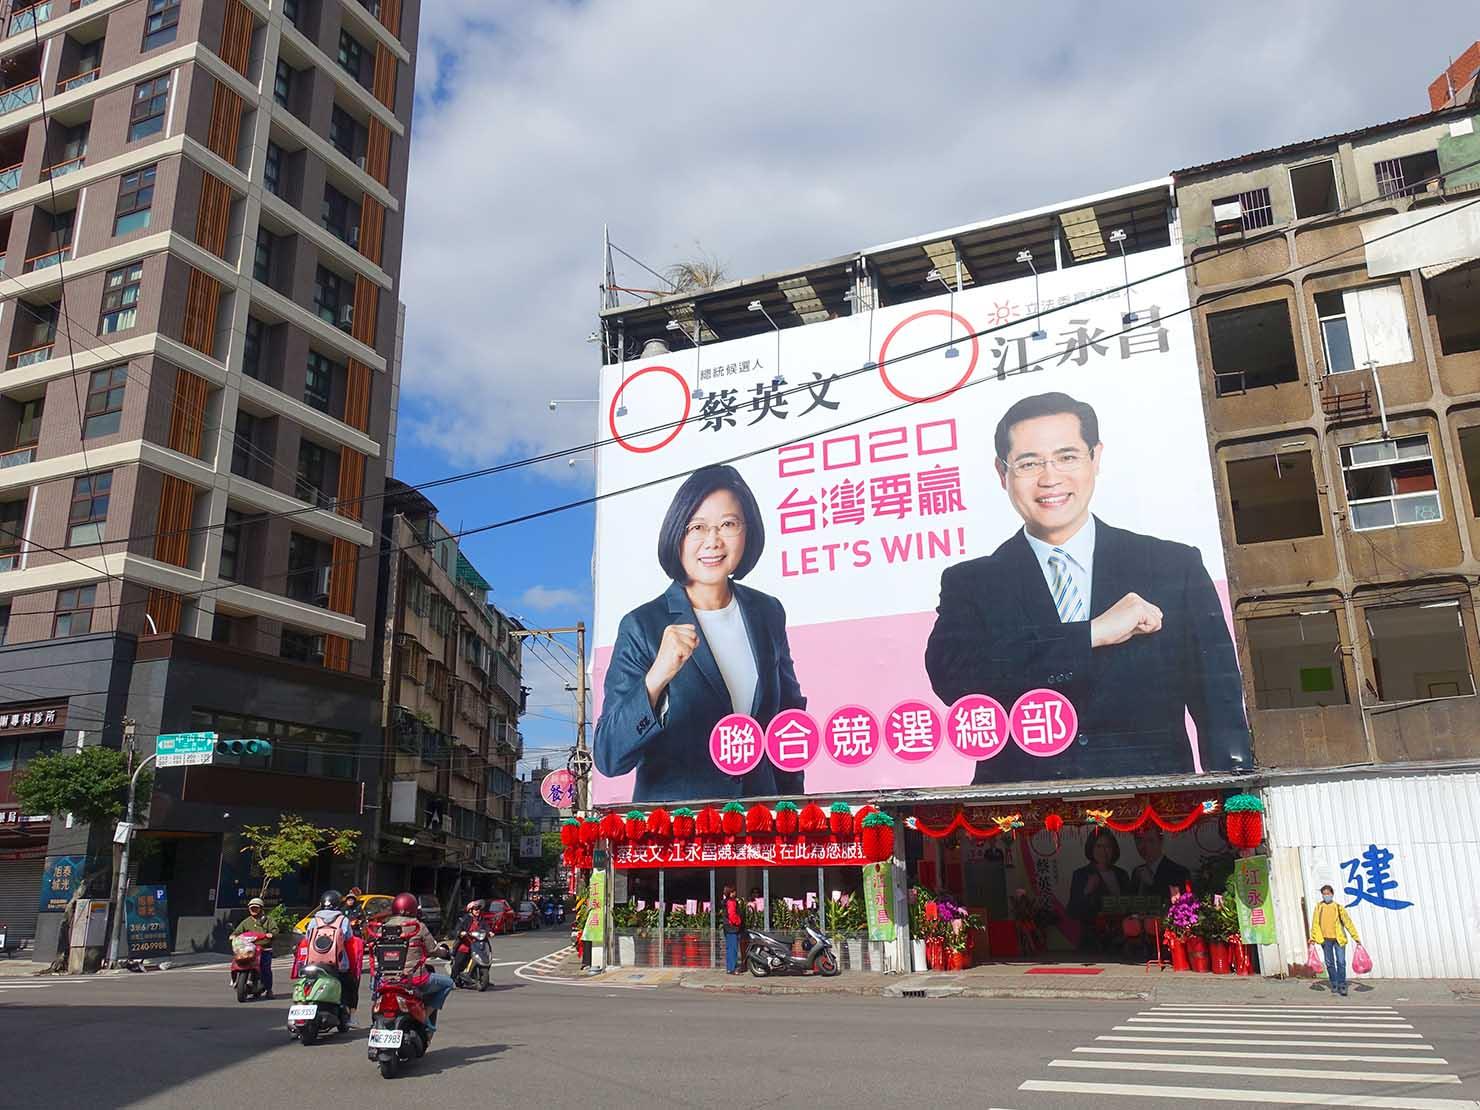 選挙期間中の台湾で屋外に貼られた巨大選挙ポスター